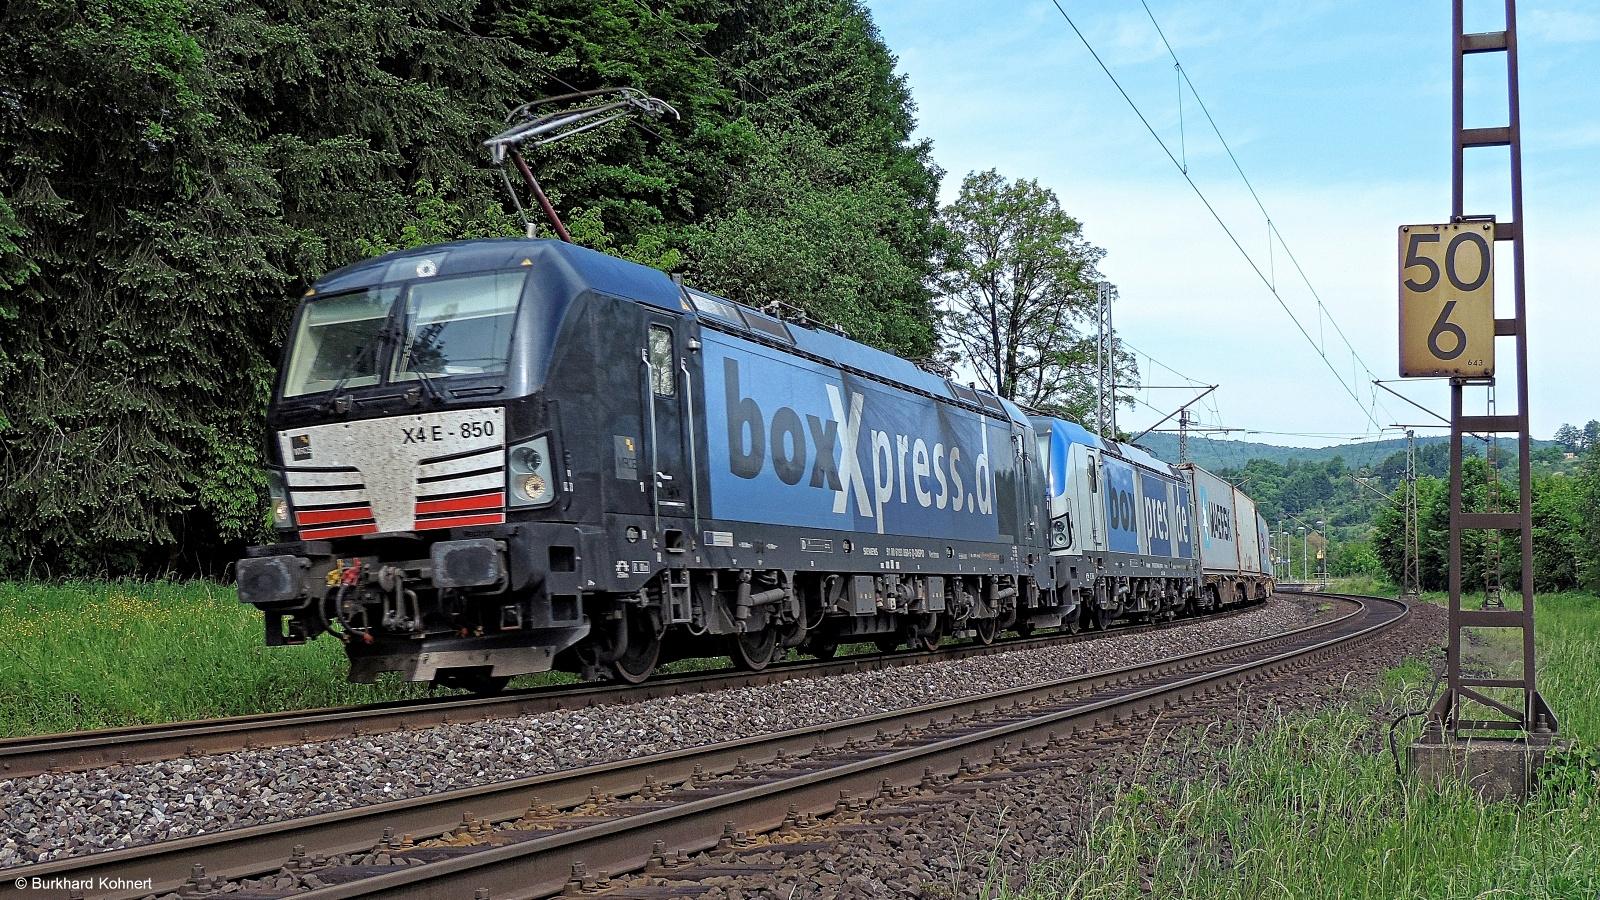 X4 E-850 boxXpress und ? boxXpress